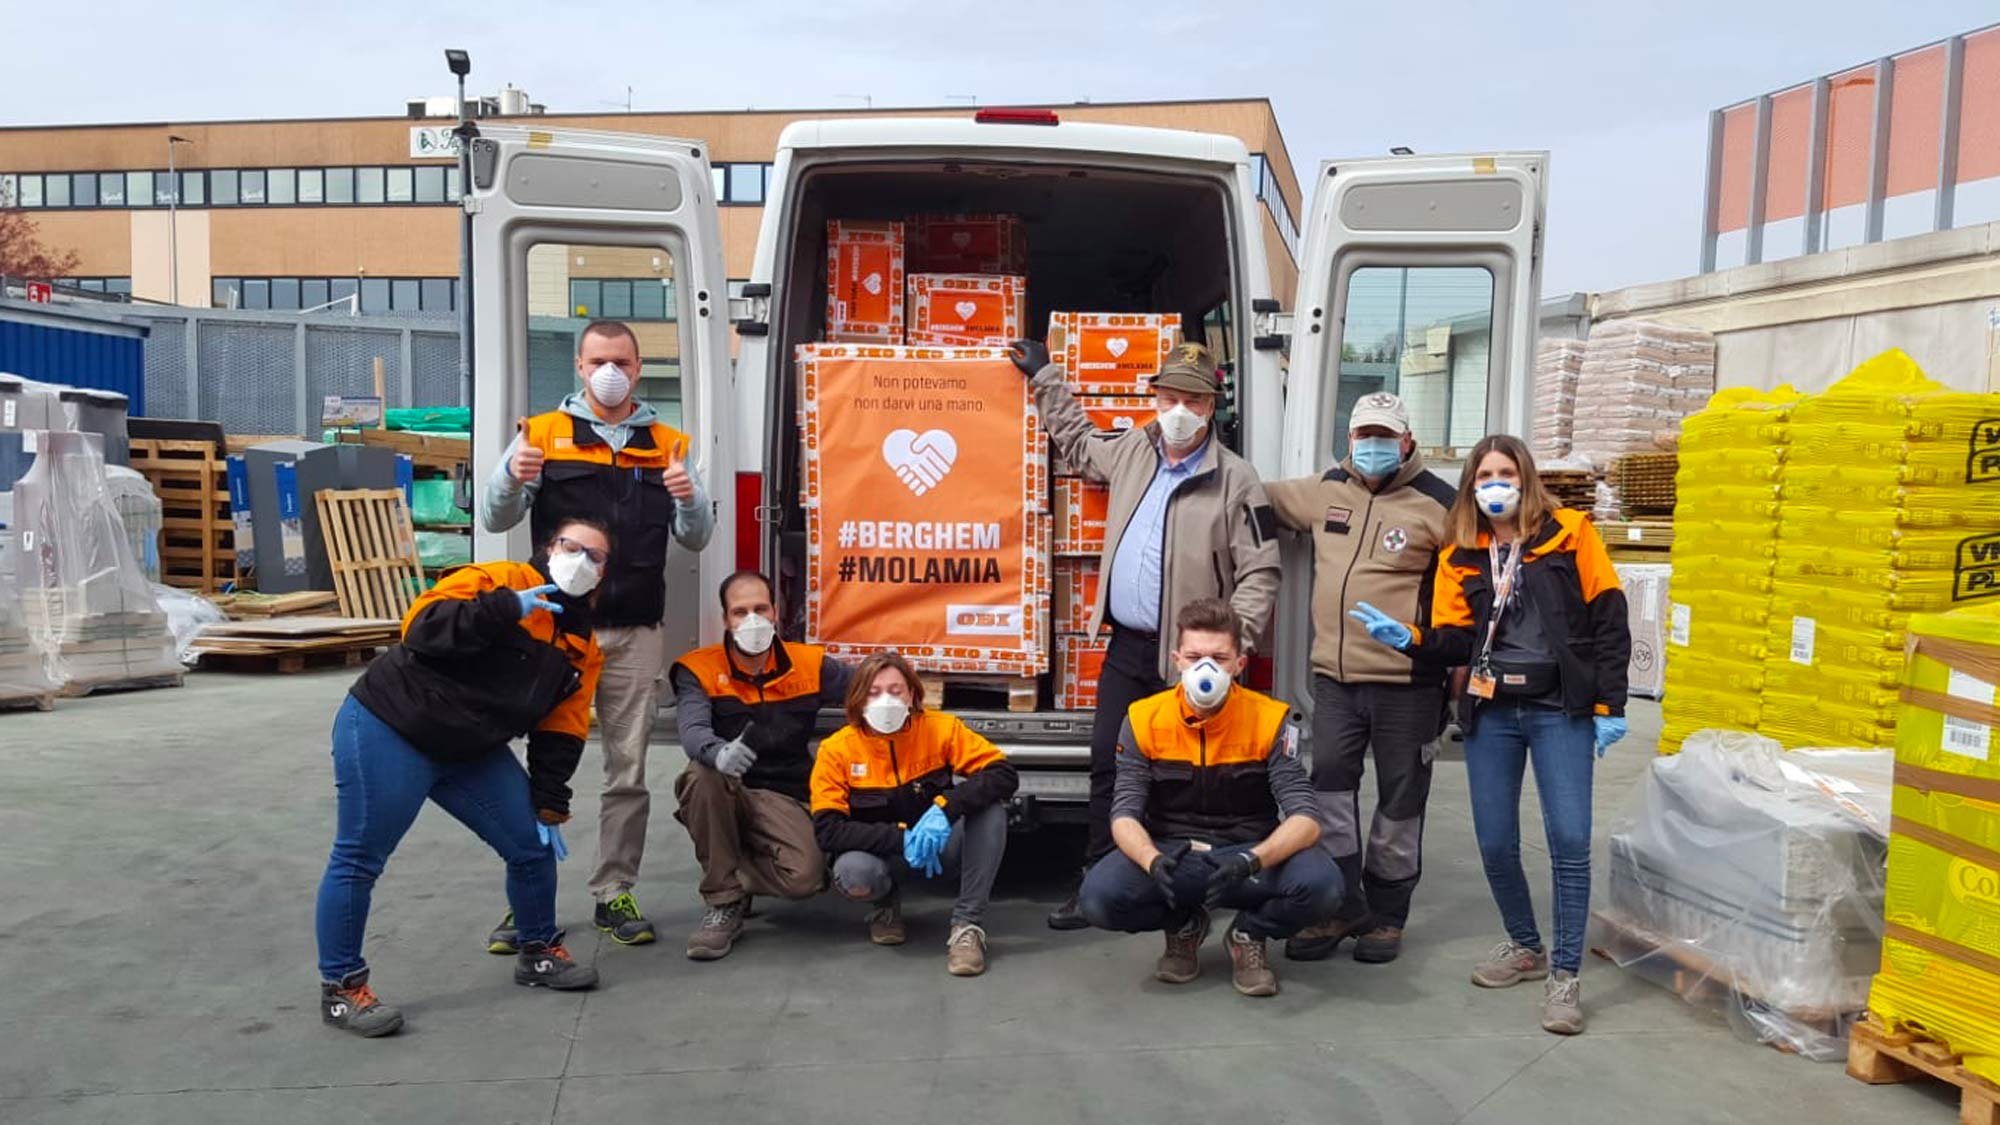 OBI Italia dona 2.500 mascherine agli Alpini per l'ospedale da campo di Bergamo